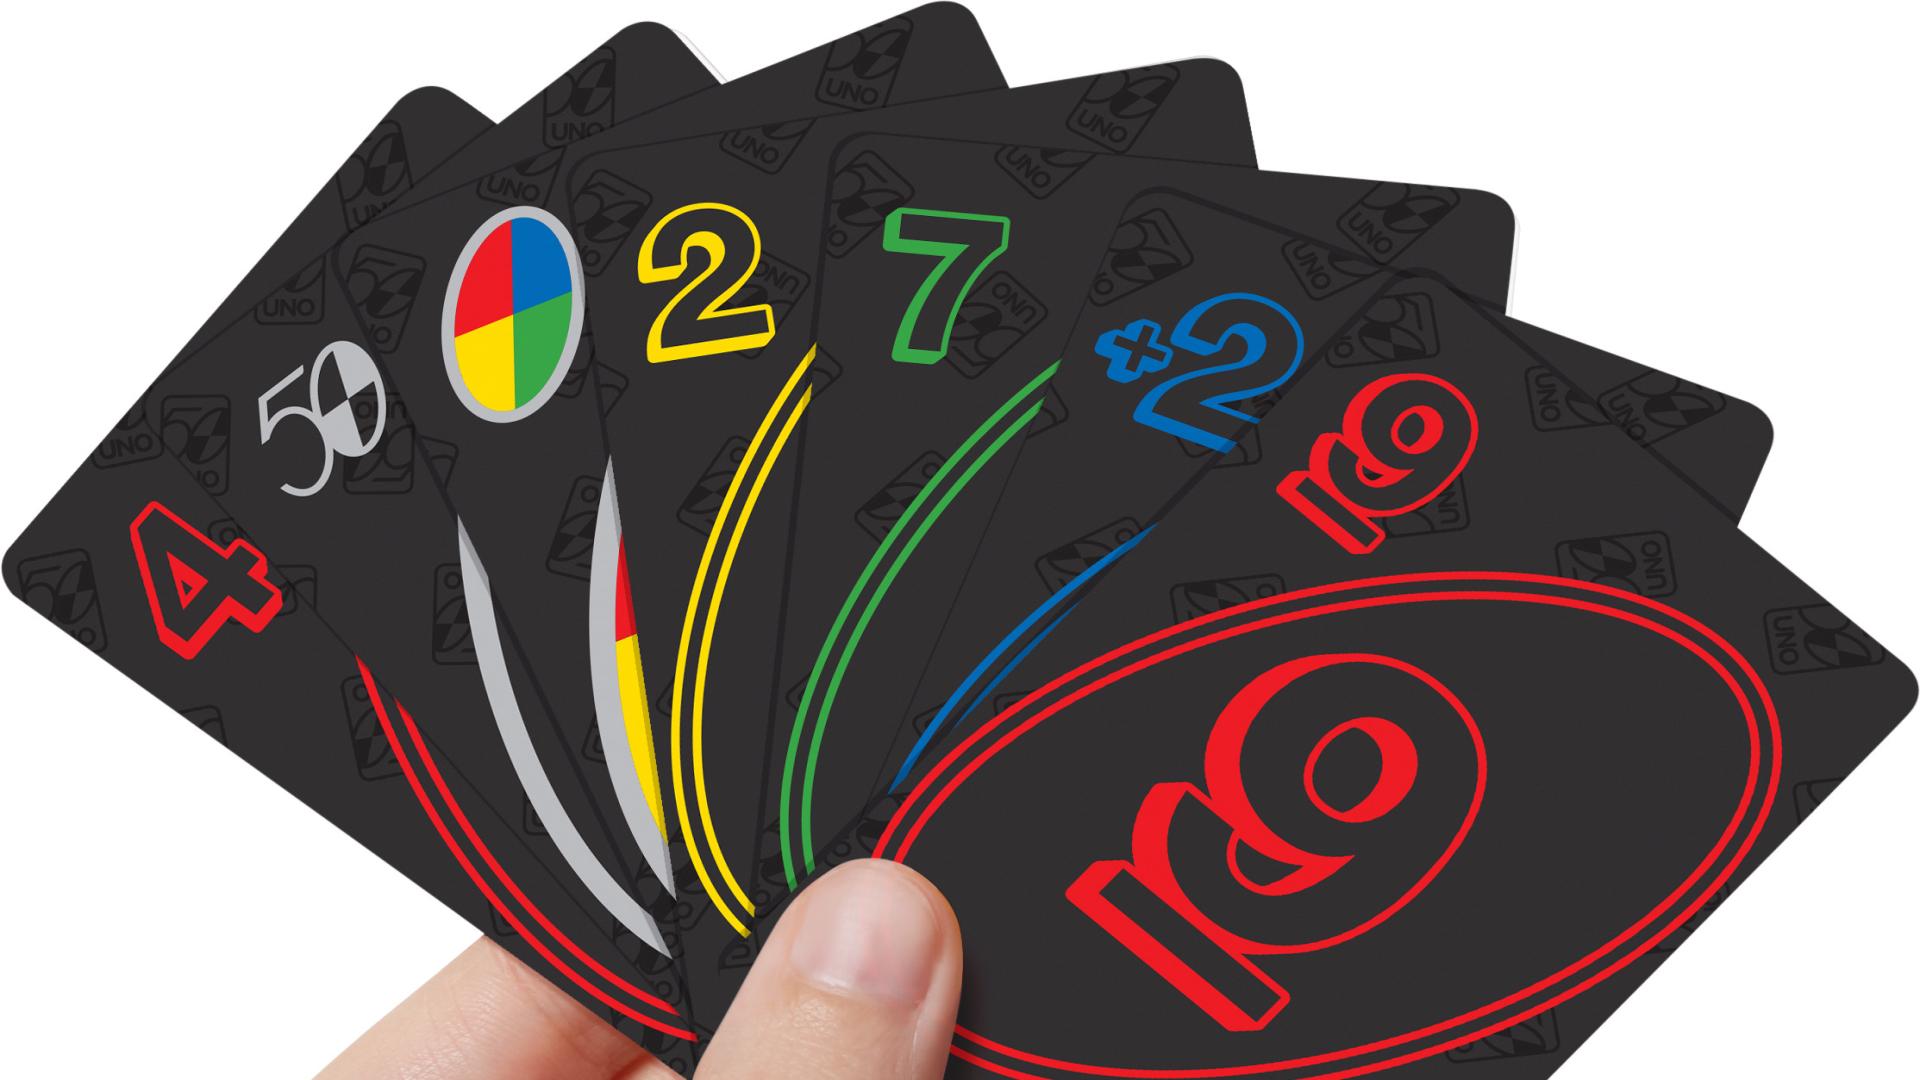 uno-50-card-spread.png